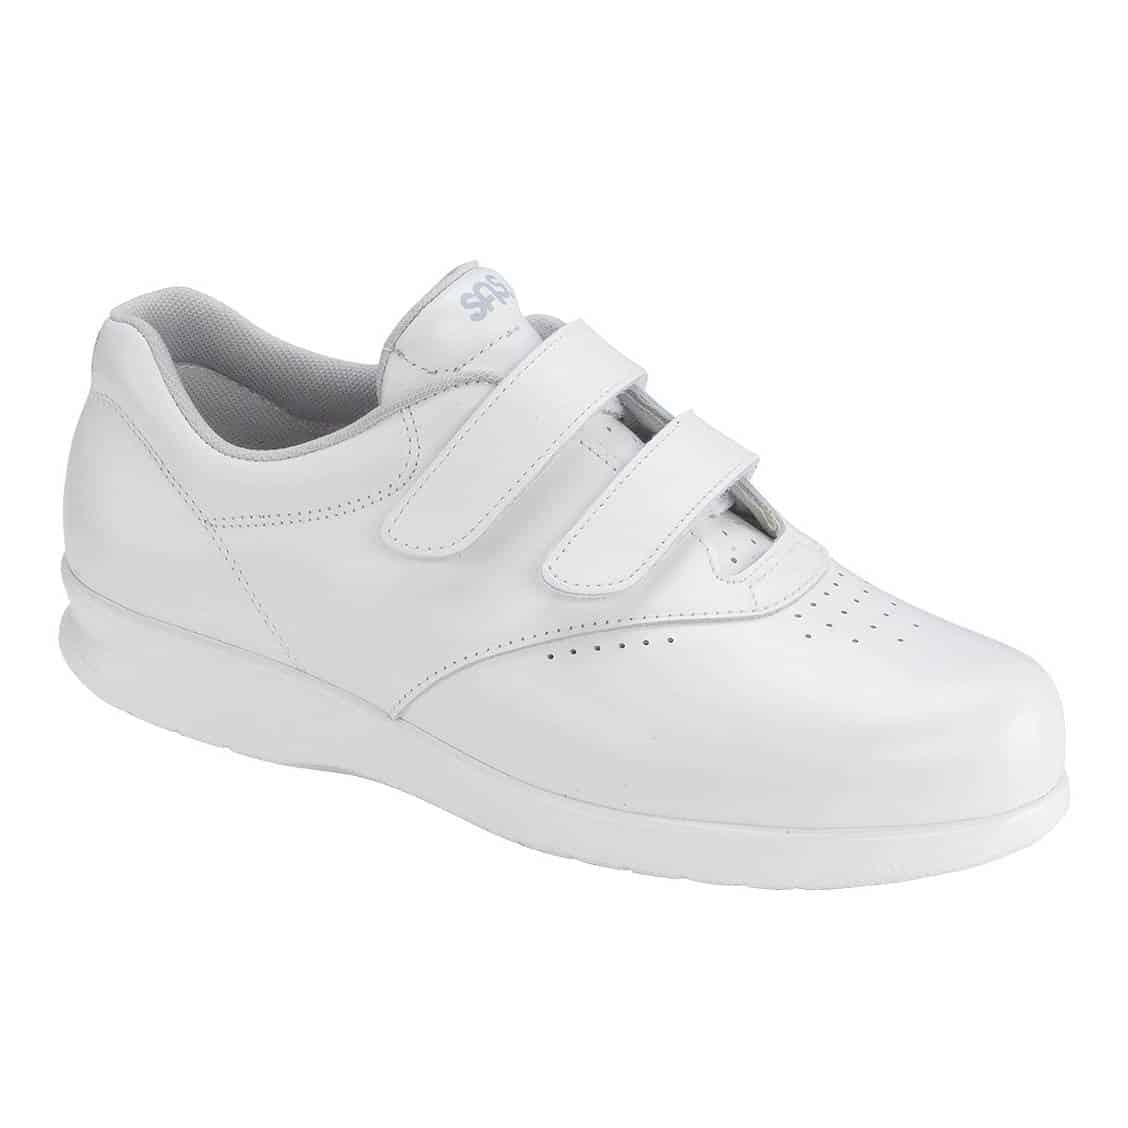 sas-womens-me-too-white-1580-001-1